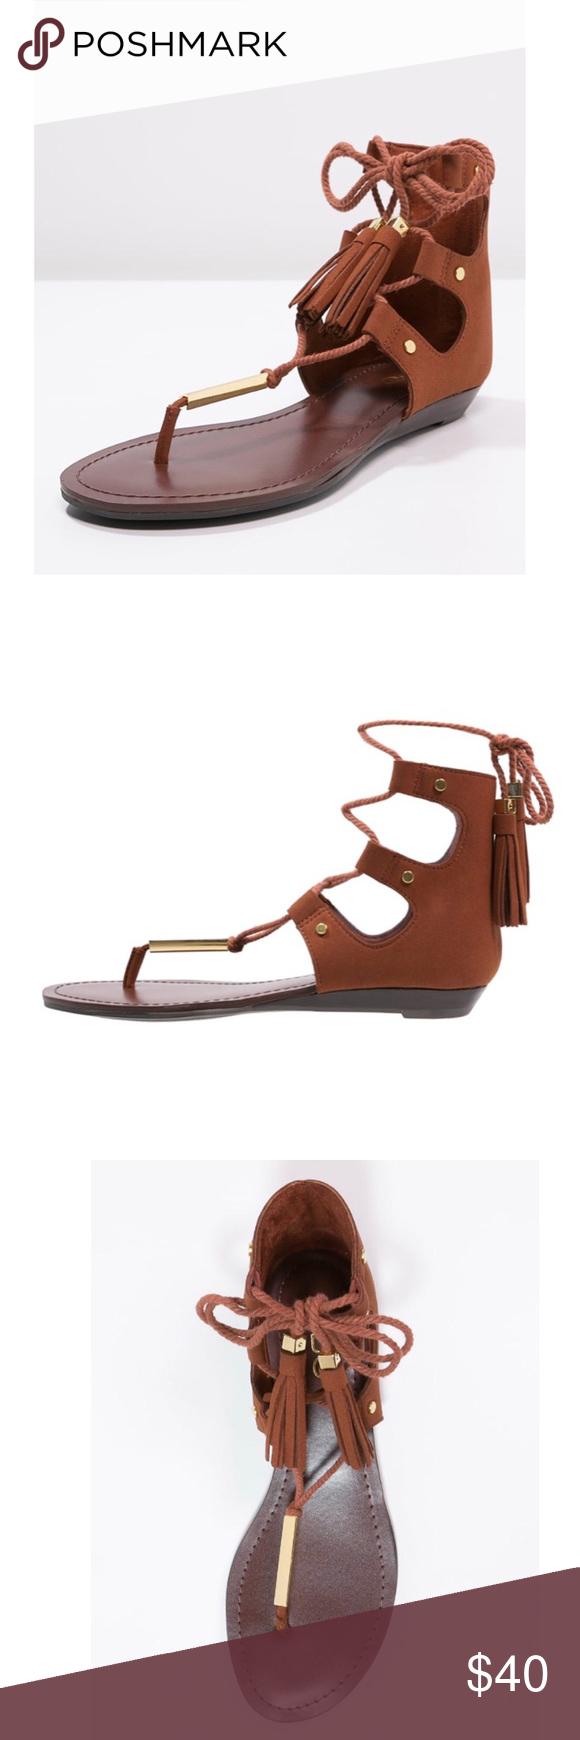 0d6a6e92289e ALDO Jakki T-Bar Gladiator Sandals    EXCELLENT CONDITION    Worn a handful